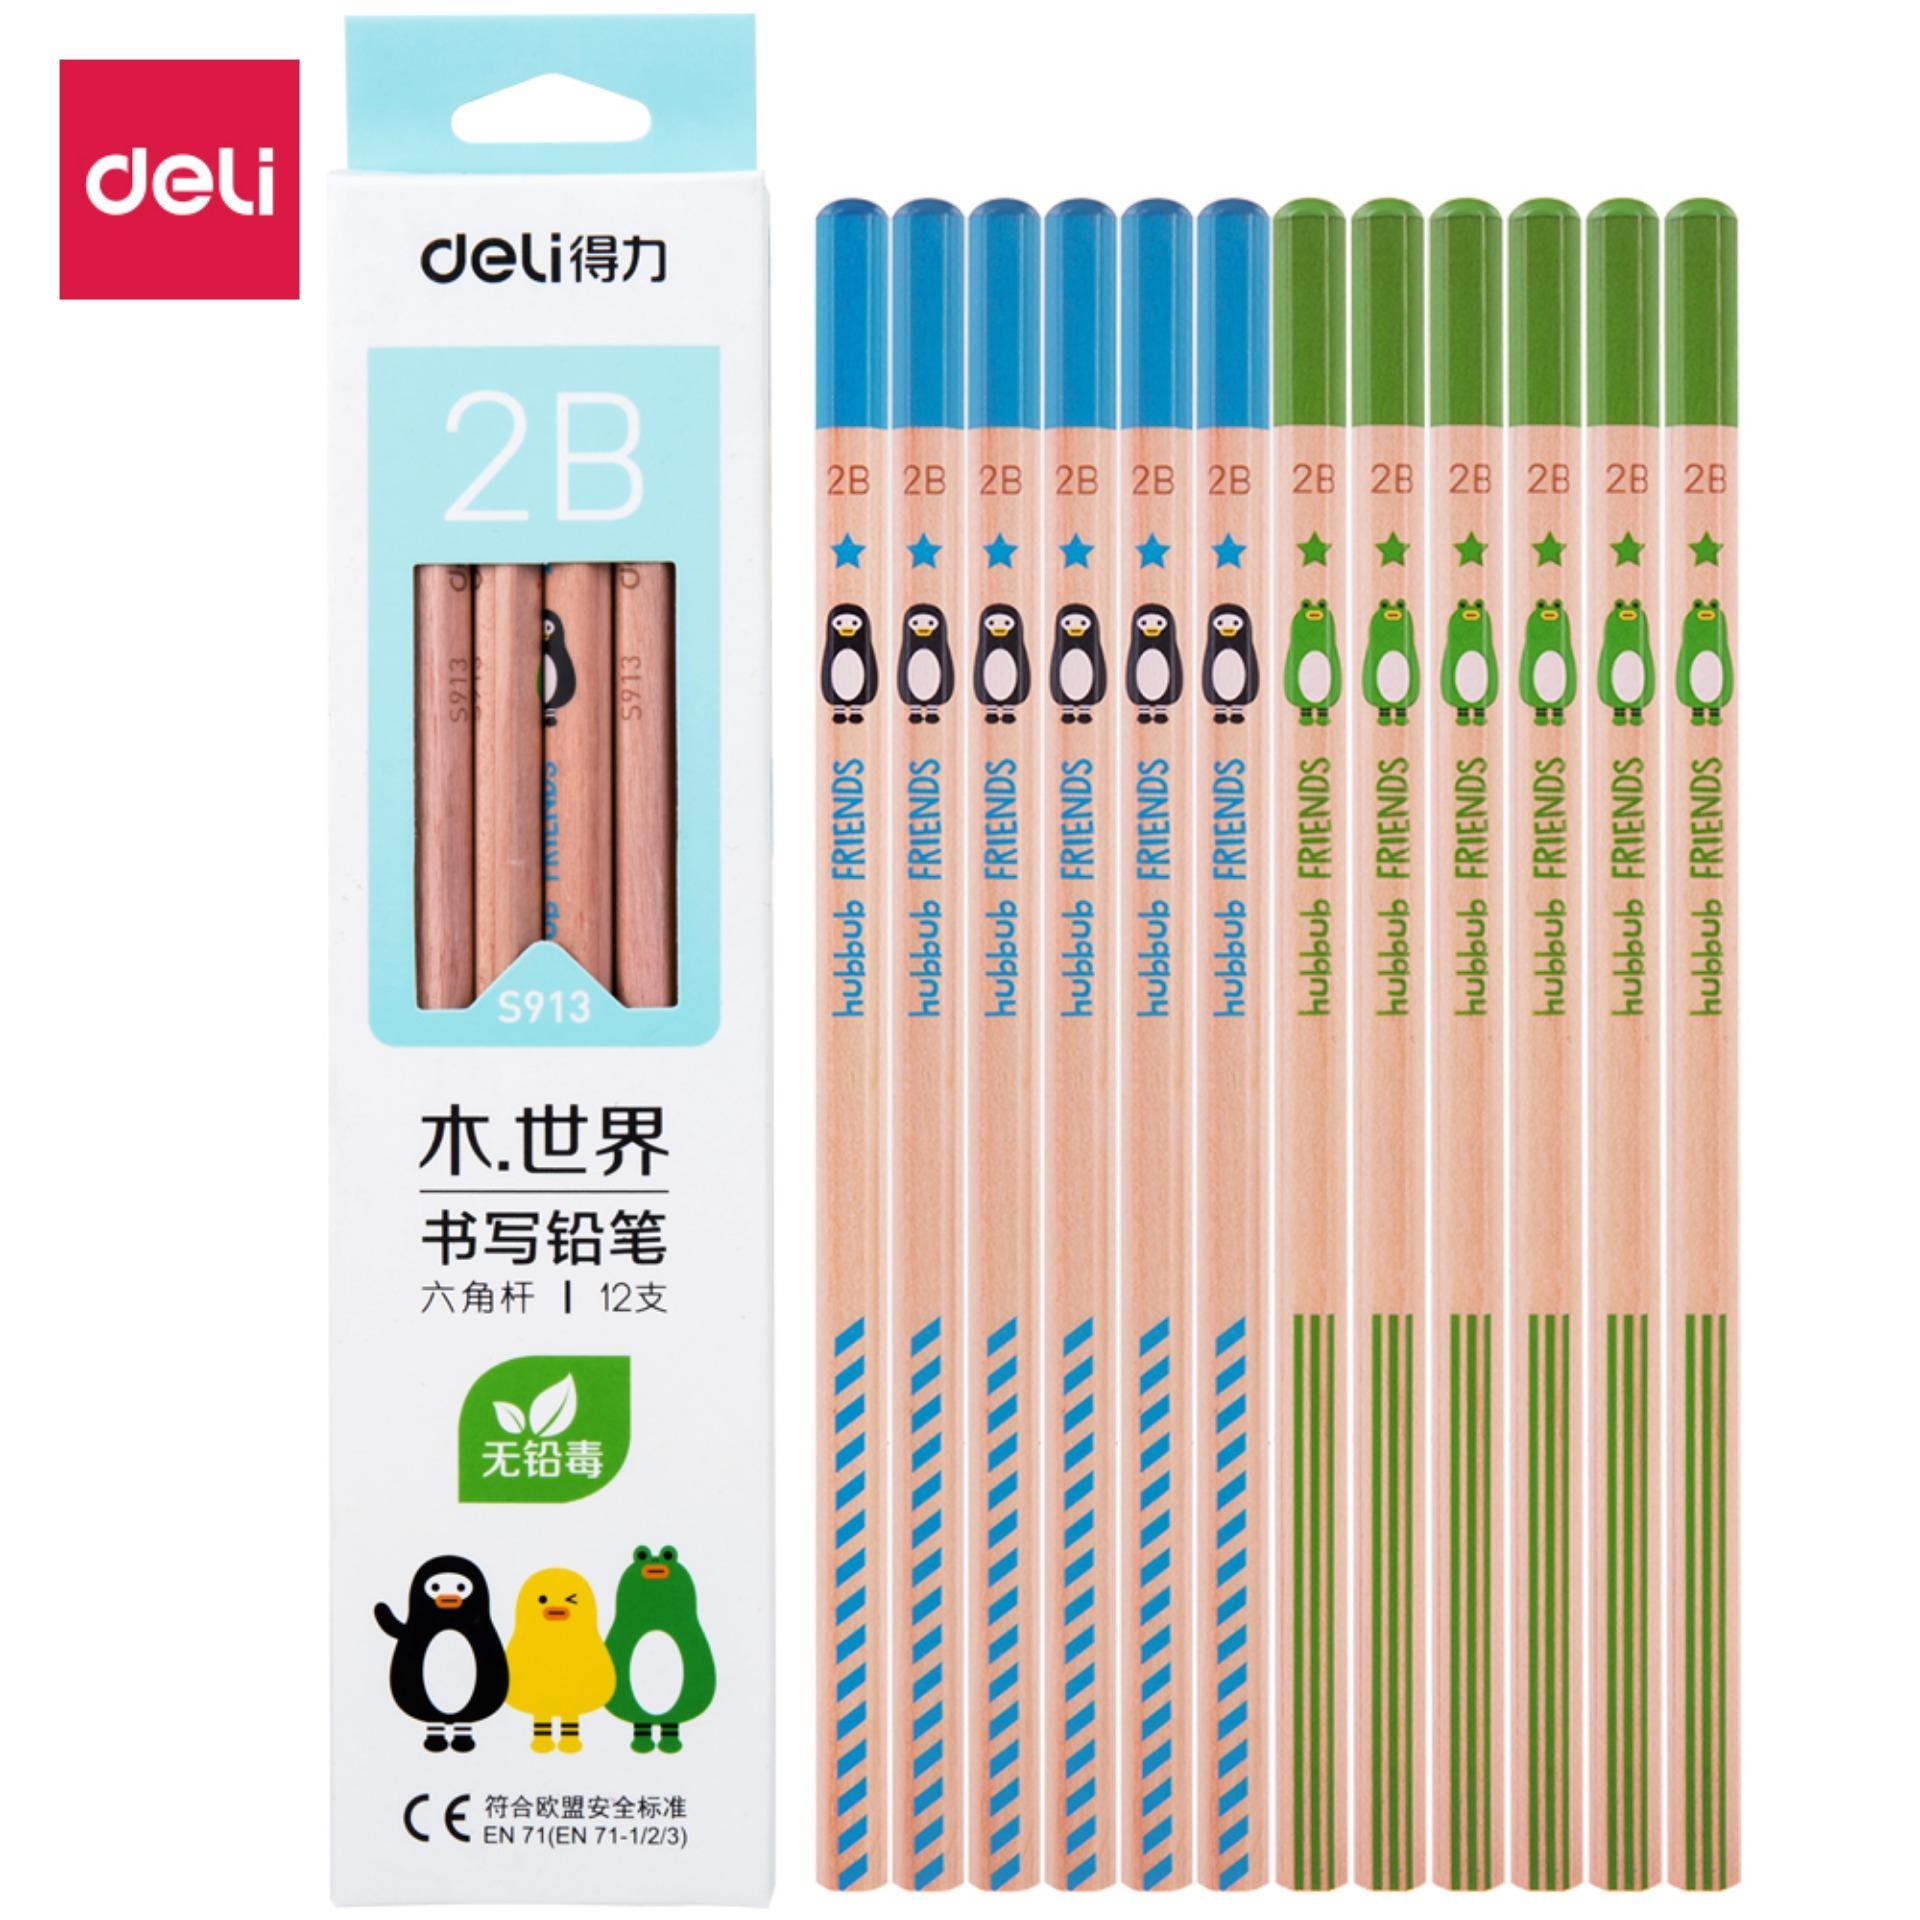 Mua DELI S913 Bút chì viết 2B Nhiều màu-12 cái/hộp